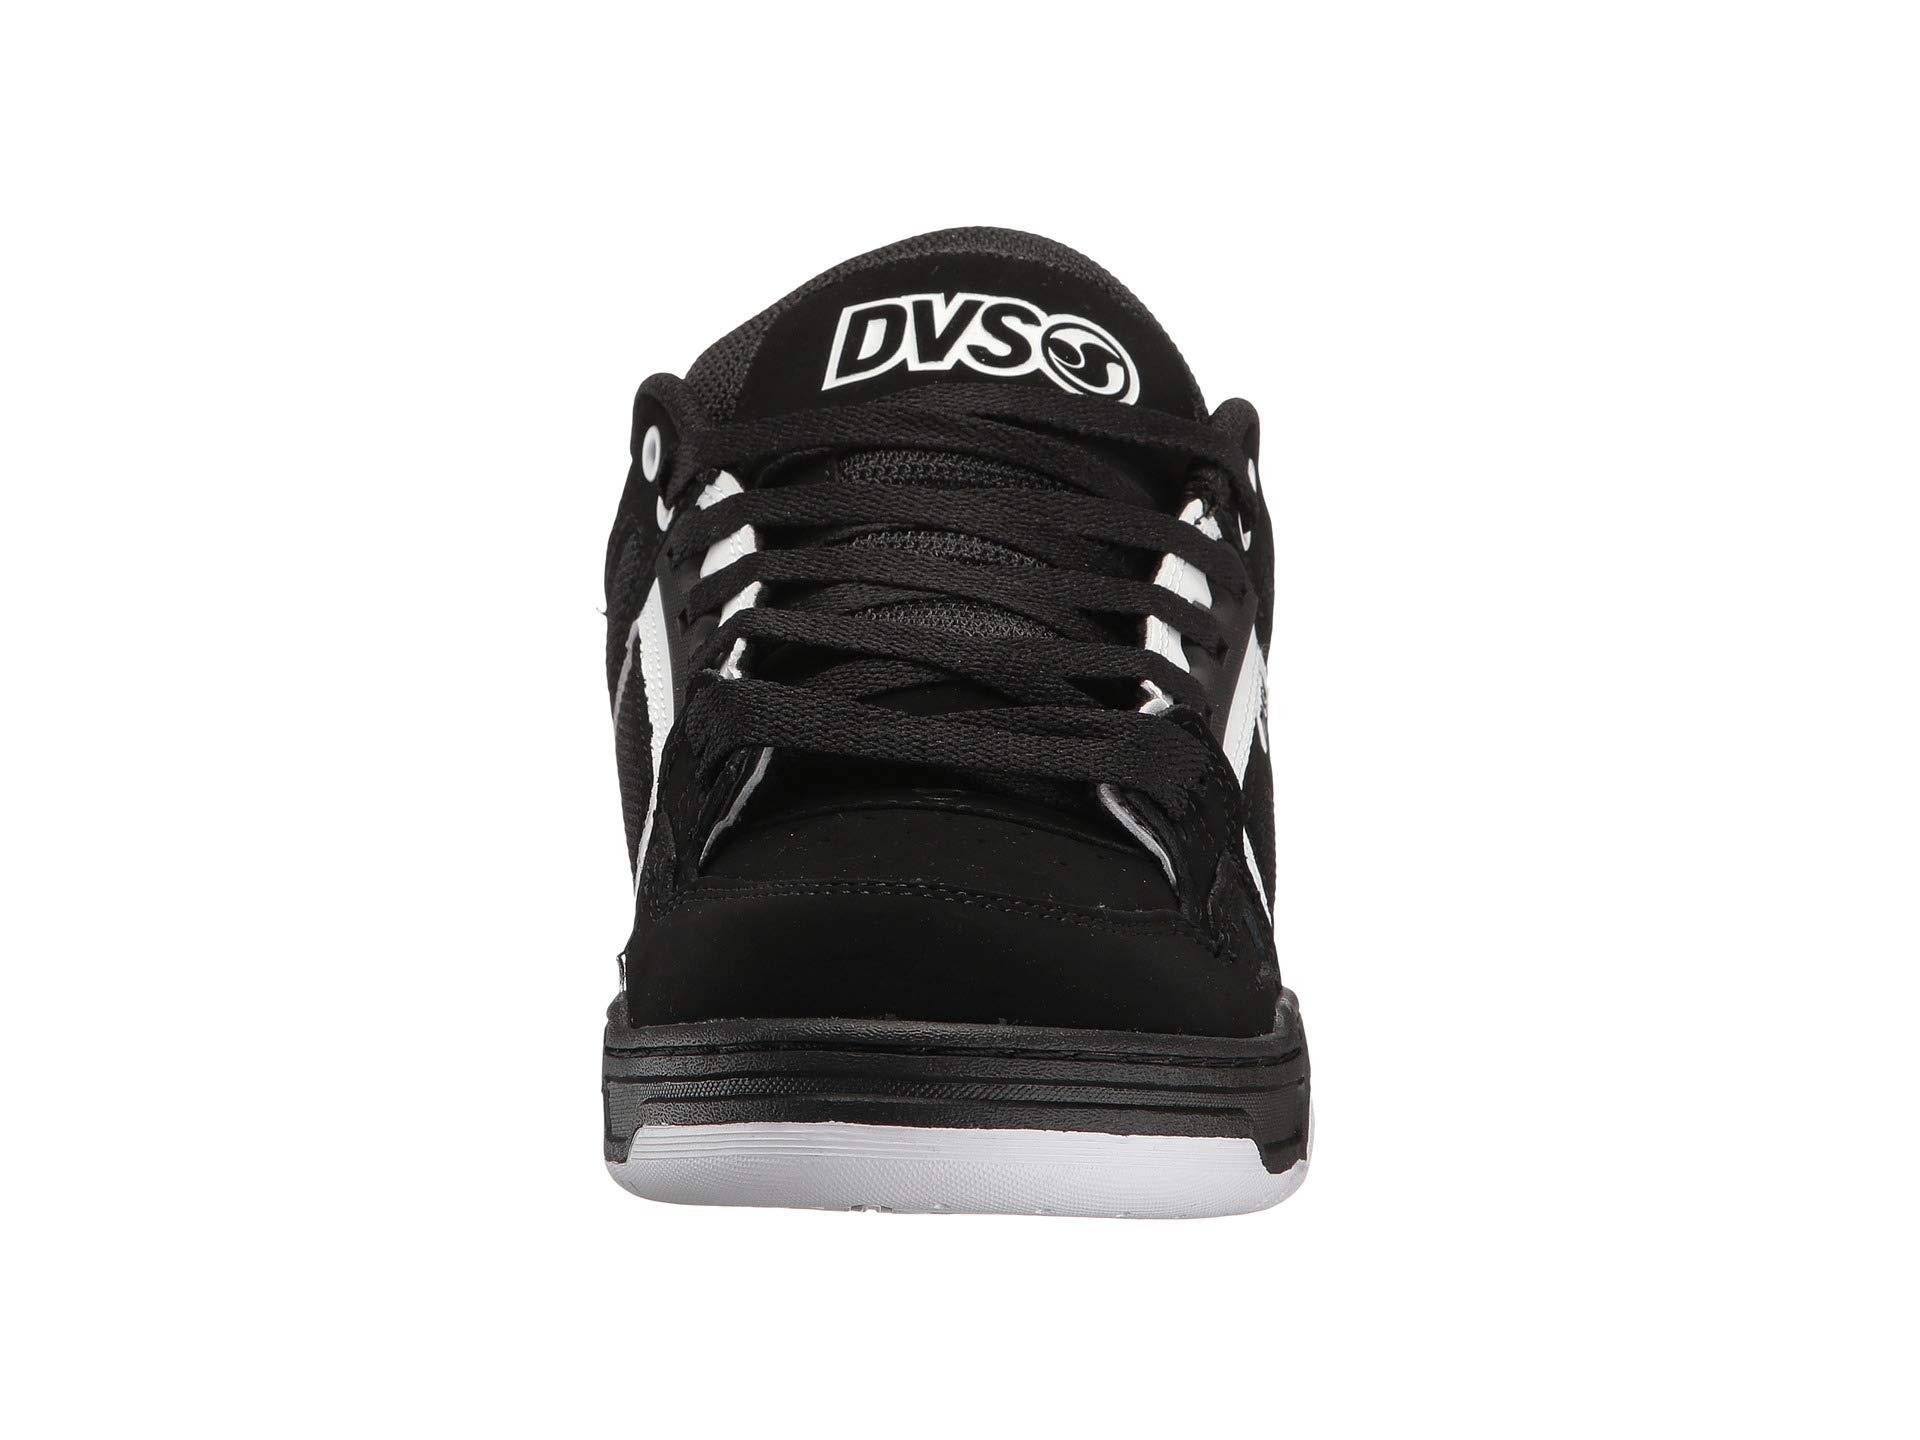 Black Dvs Shoe Company Comanche 2 white 7qP1Sqt